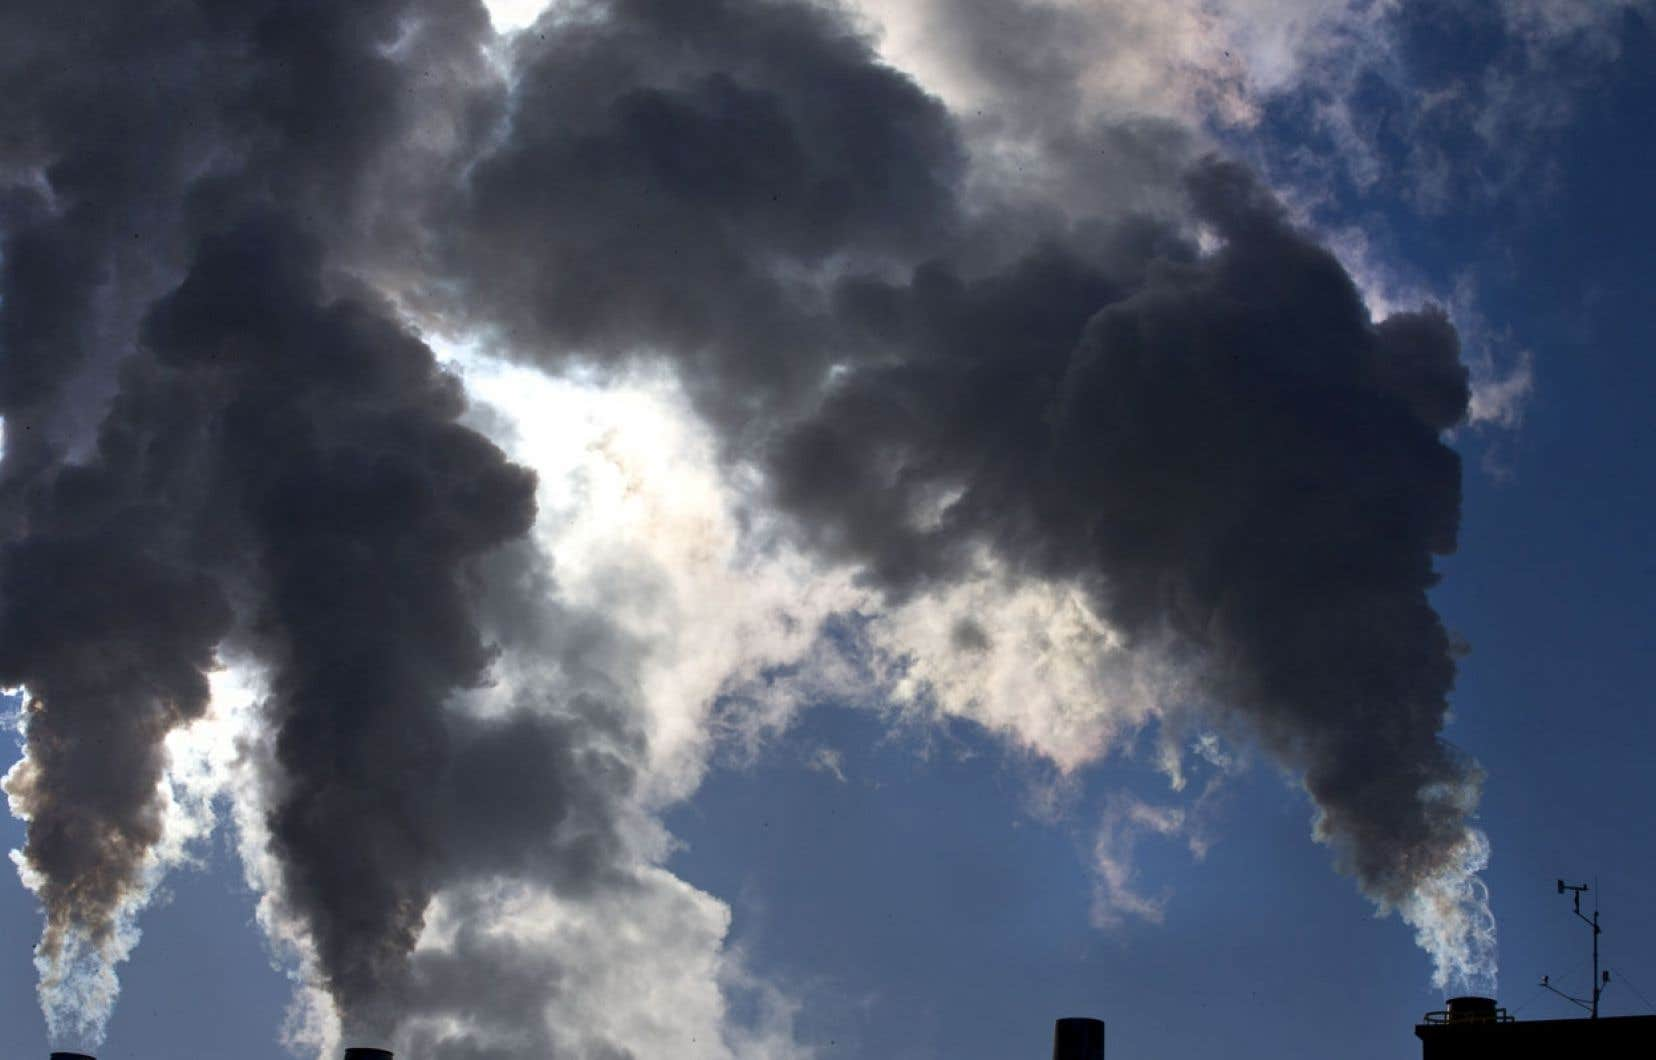 La qualité de l'air et la pollution atmosphérique peuvent être la cause de maladies respiratoires et pulmonaires et causer des réactions allergiques.